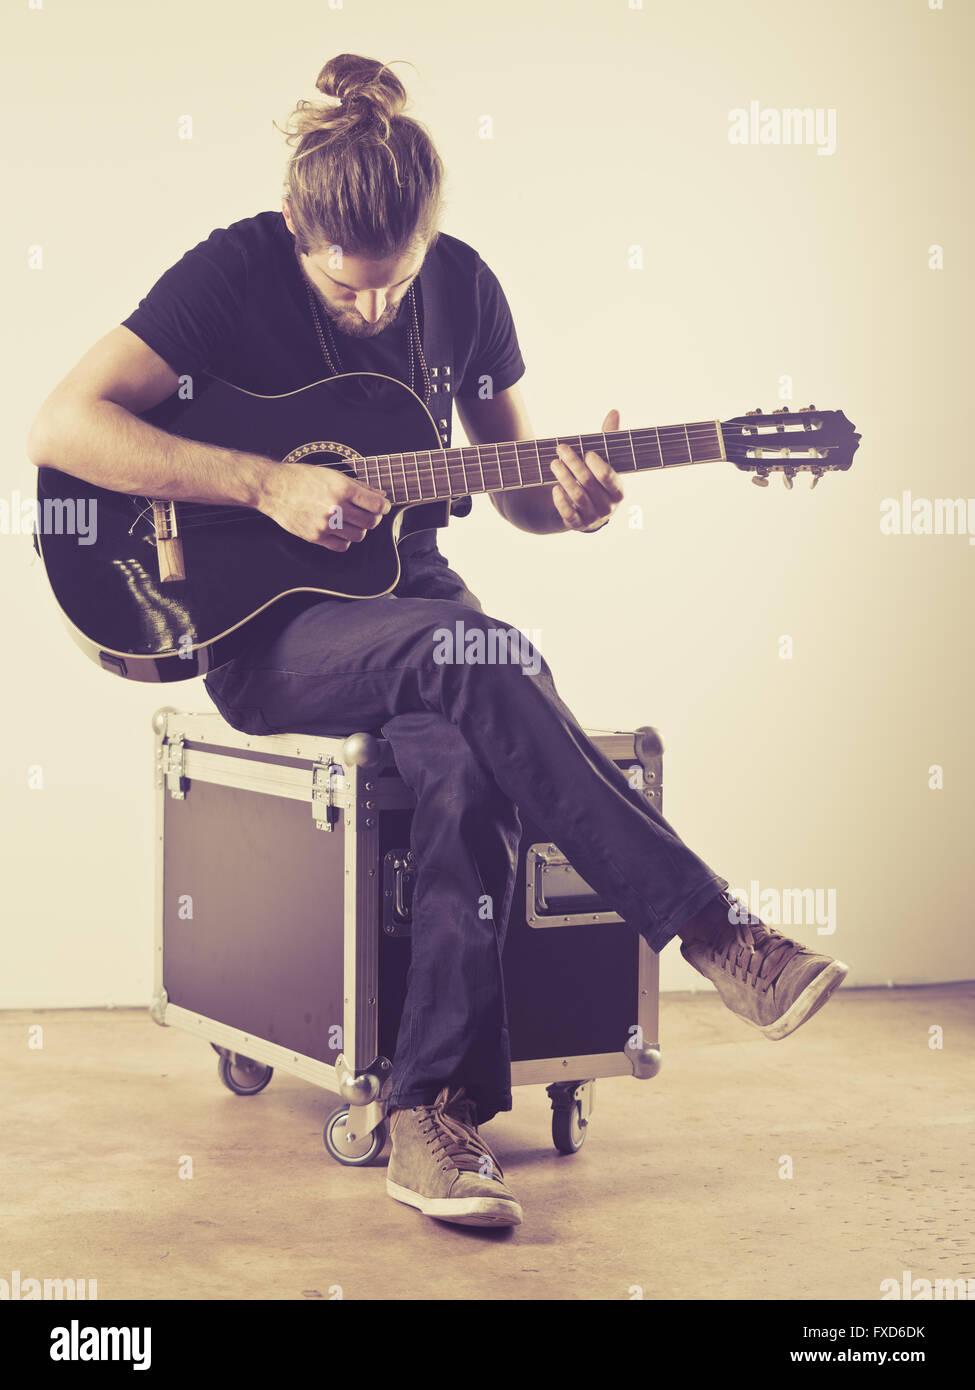 Foto de un joven hombre atractivo con el cabello largo y barba sentado en una maleta y tocando una guitarra acústica. Imagen De Stock